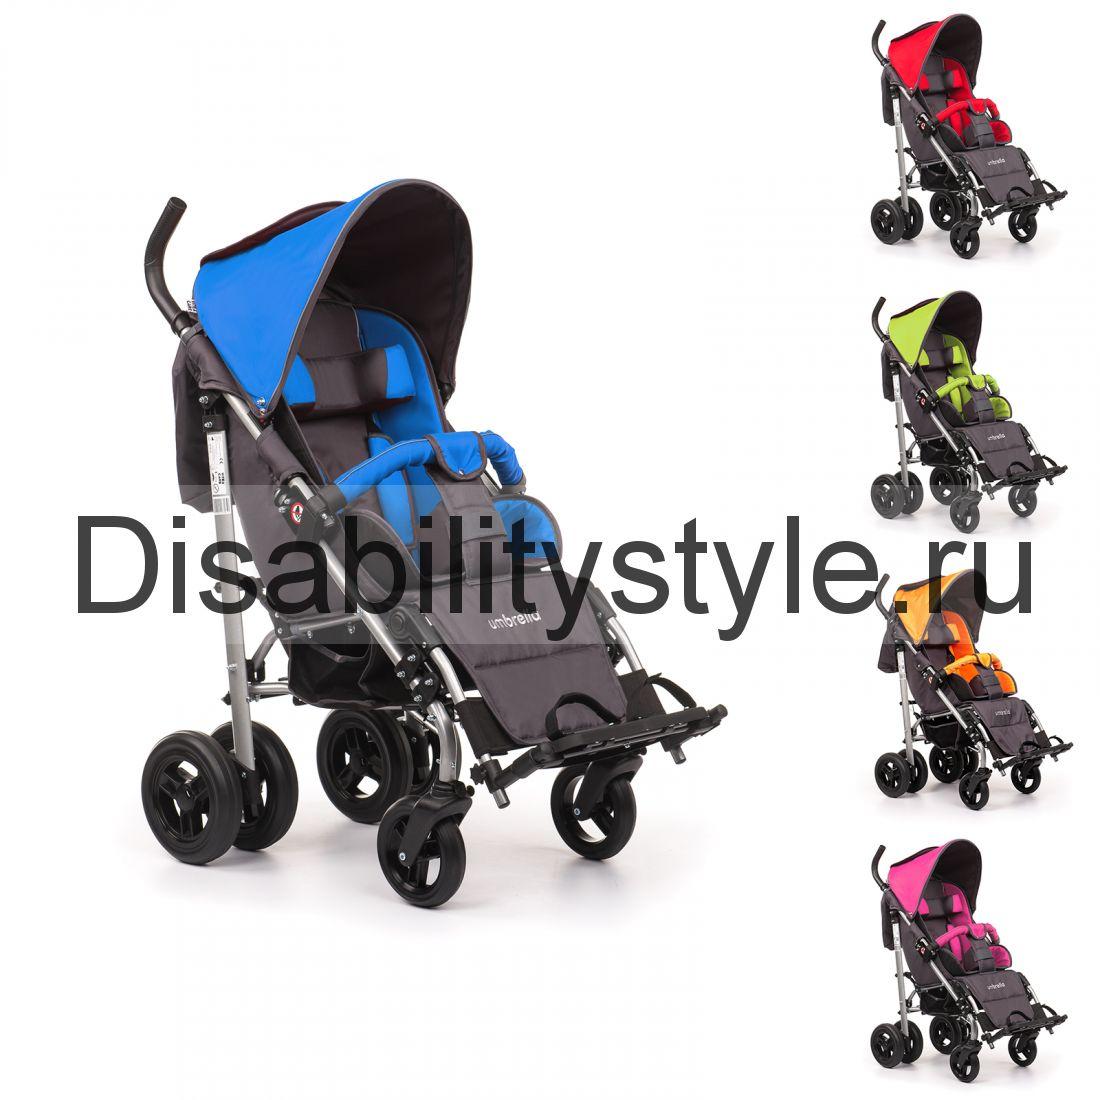 Кресла-коляски для детей-инвалидов и детей с заболеванием ДЦП